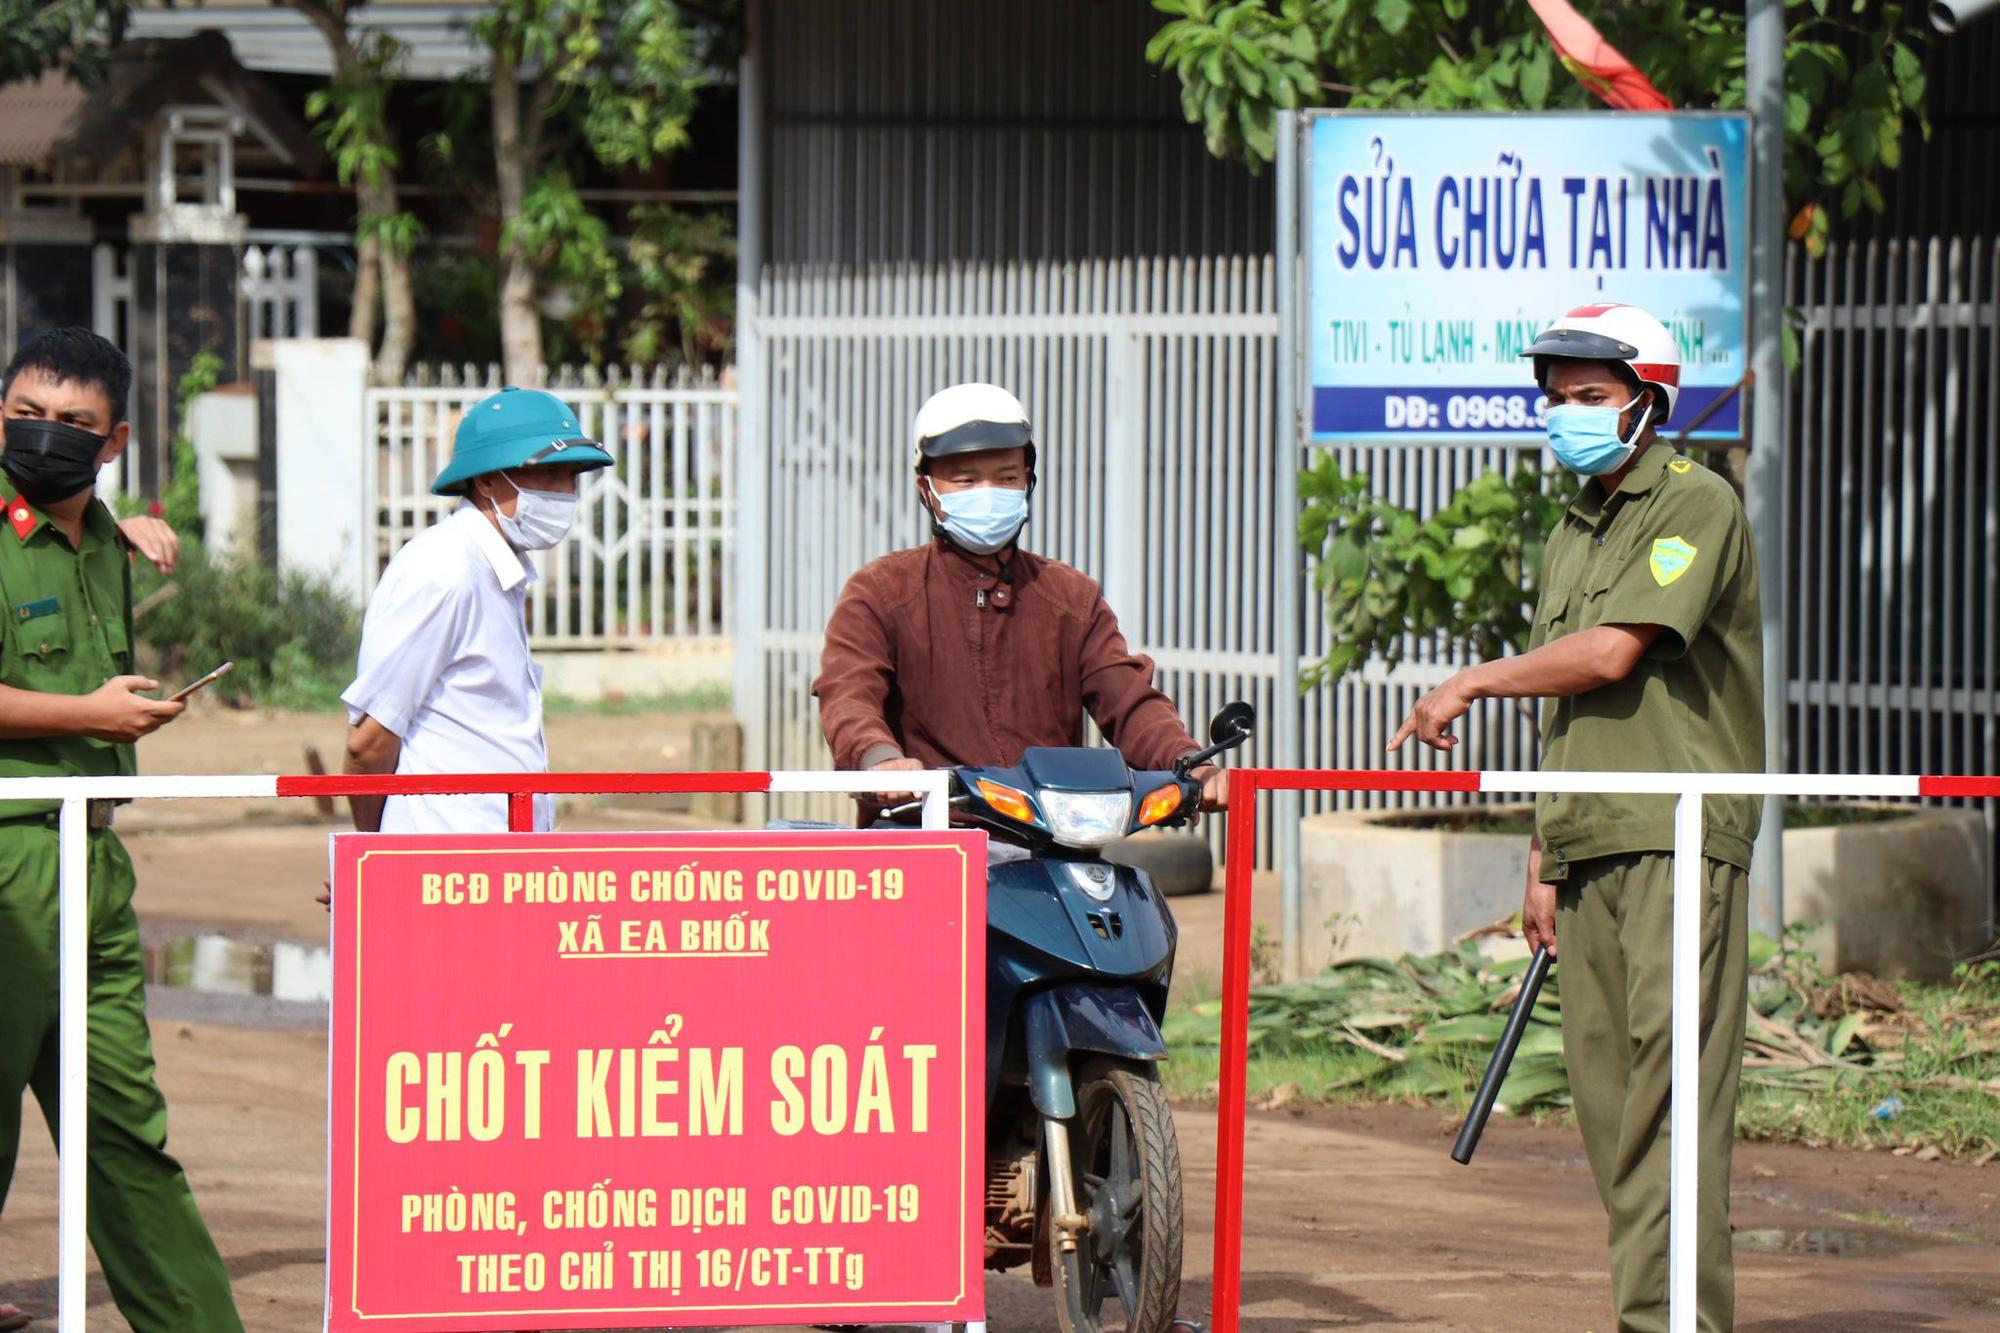 Đắk Lắk: Thêm 24 ca dương tính SARS-CoV-2 trong đó có nhiều trẻ em, hàng ngàn người vẫn đổ về địa phương - Ảnh 2.